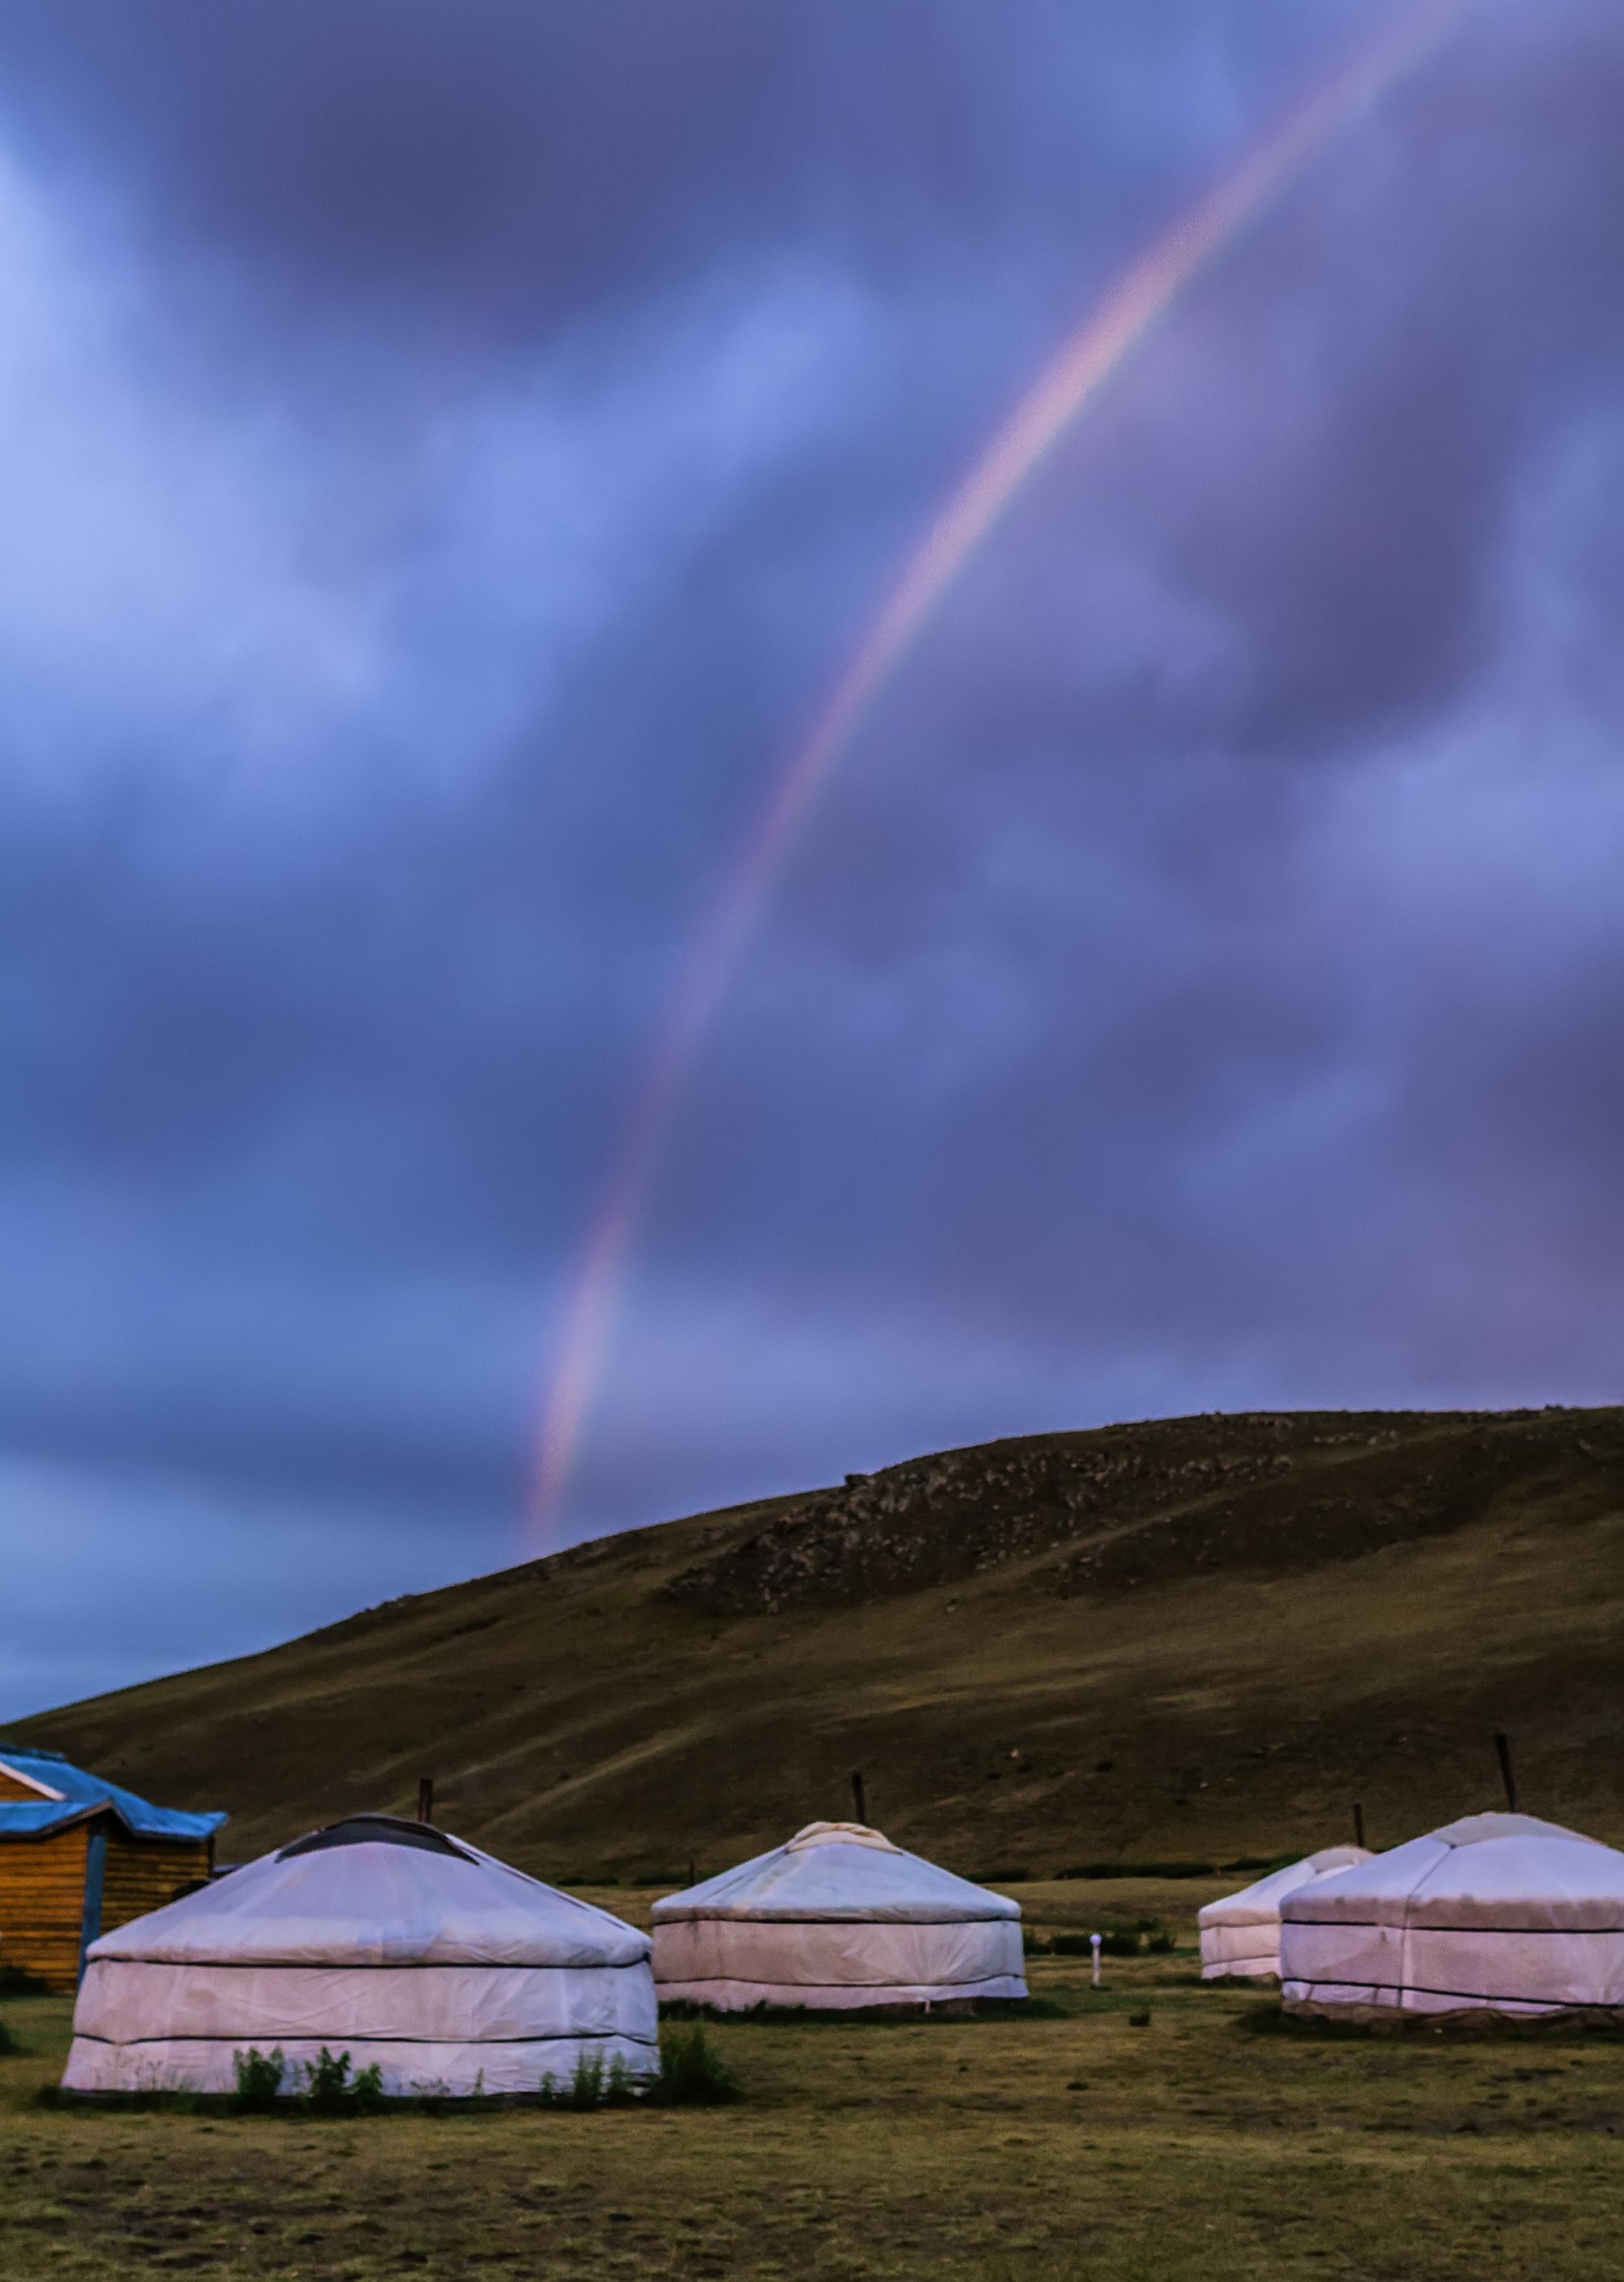 Rainbow Over Mongolian Gers